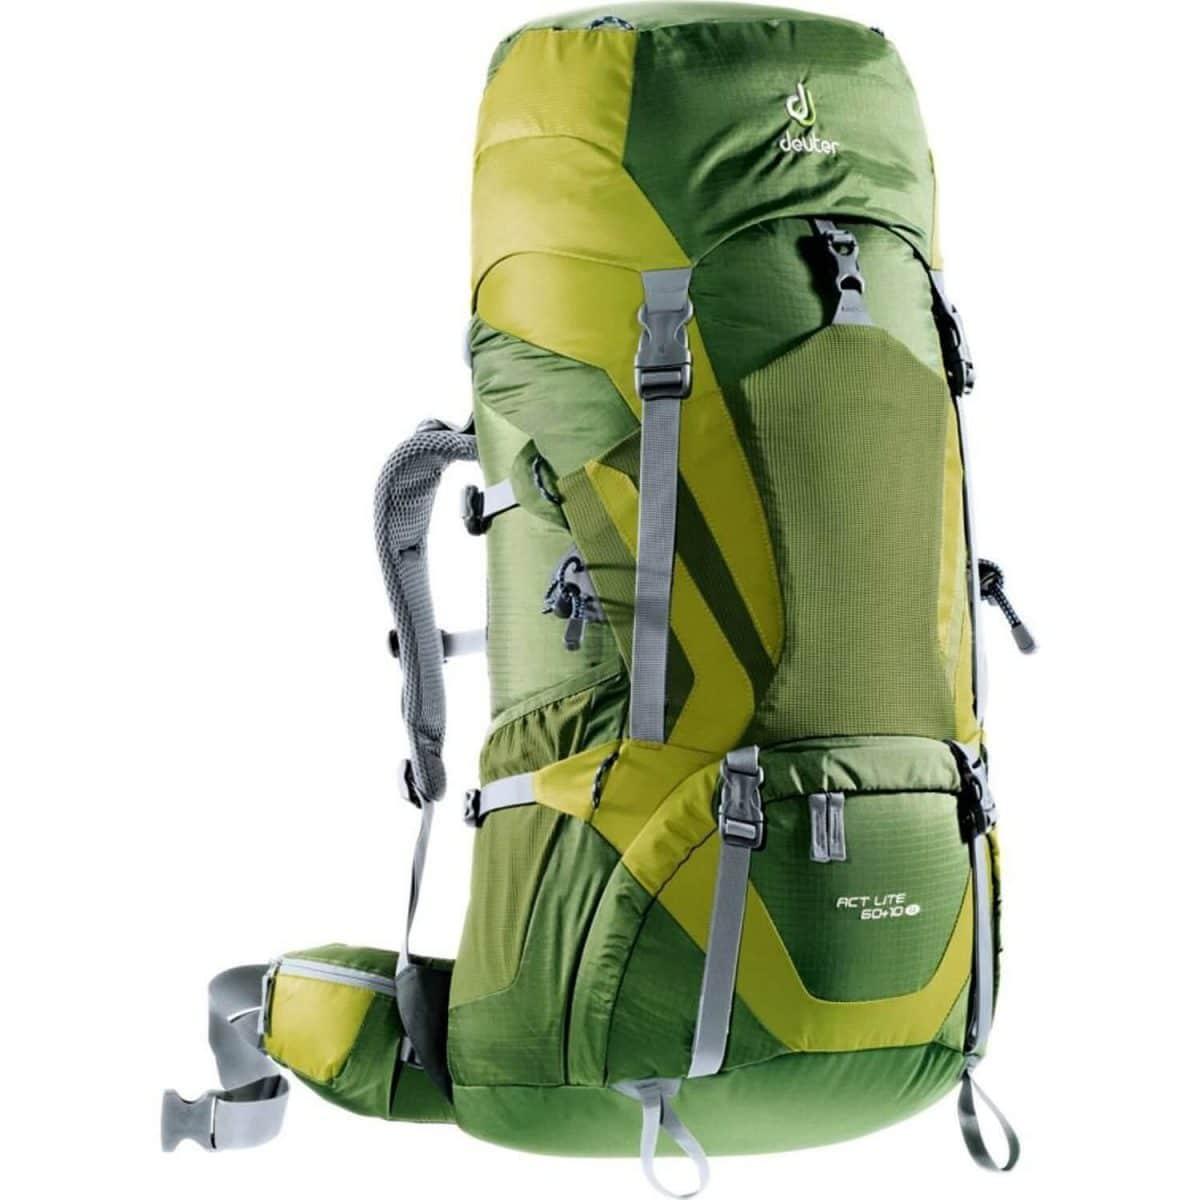 Deuter 70L Hiking Backpack